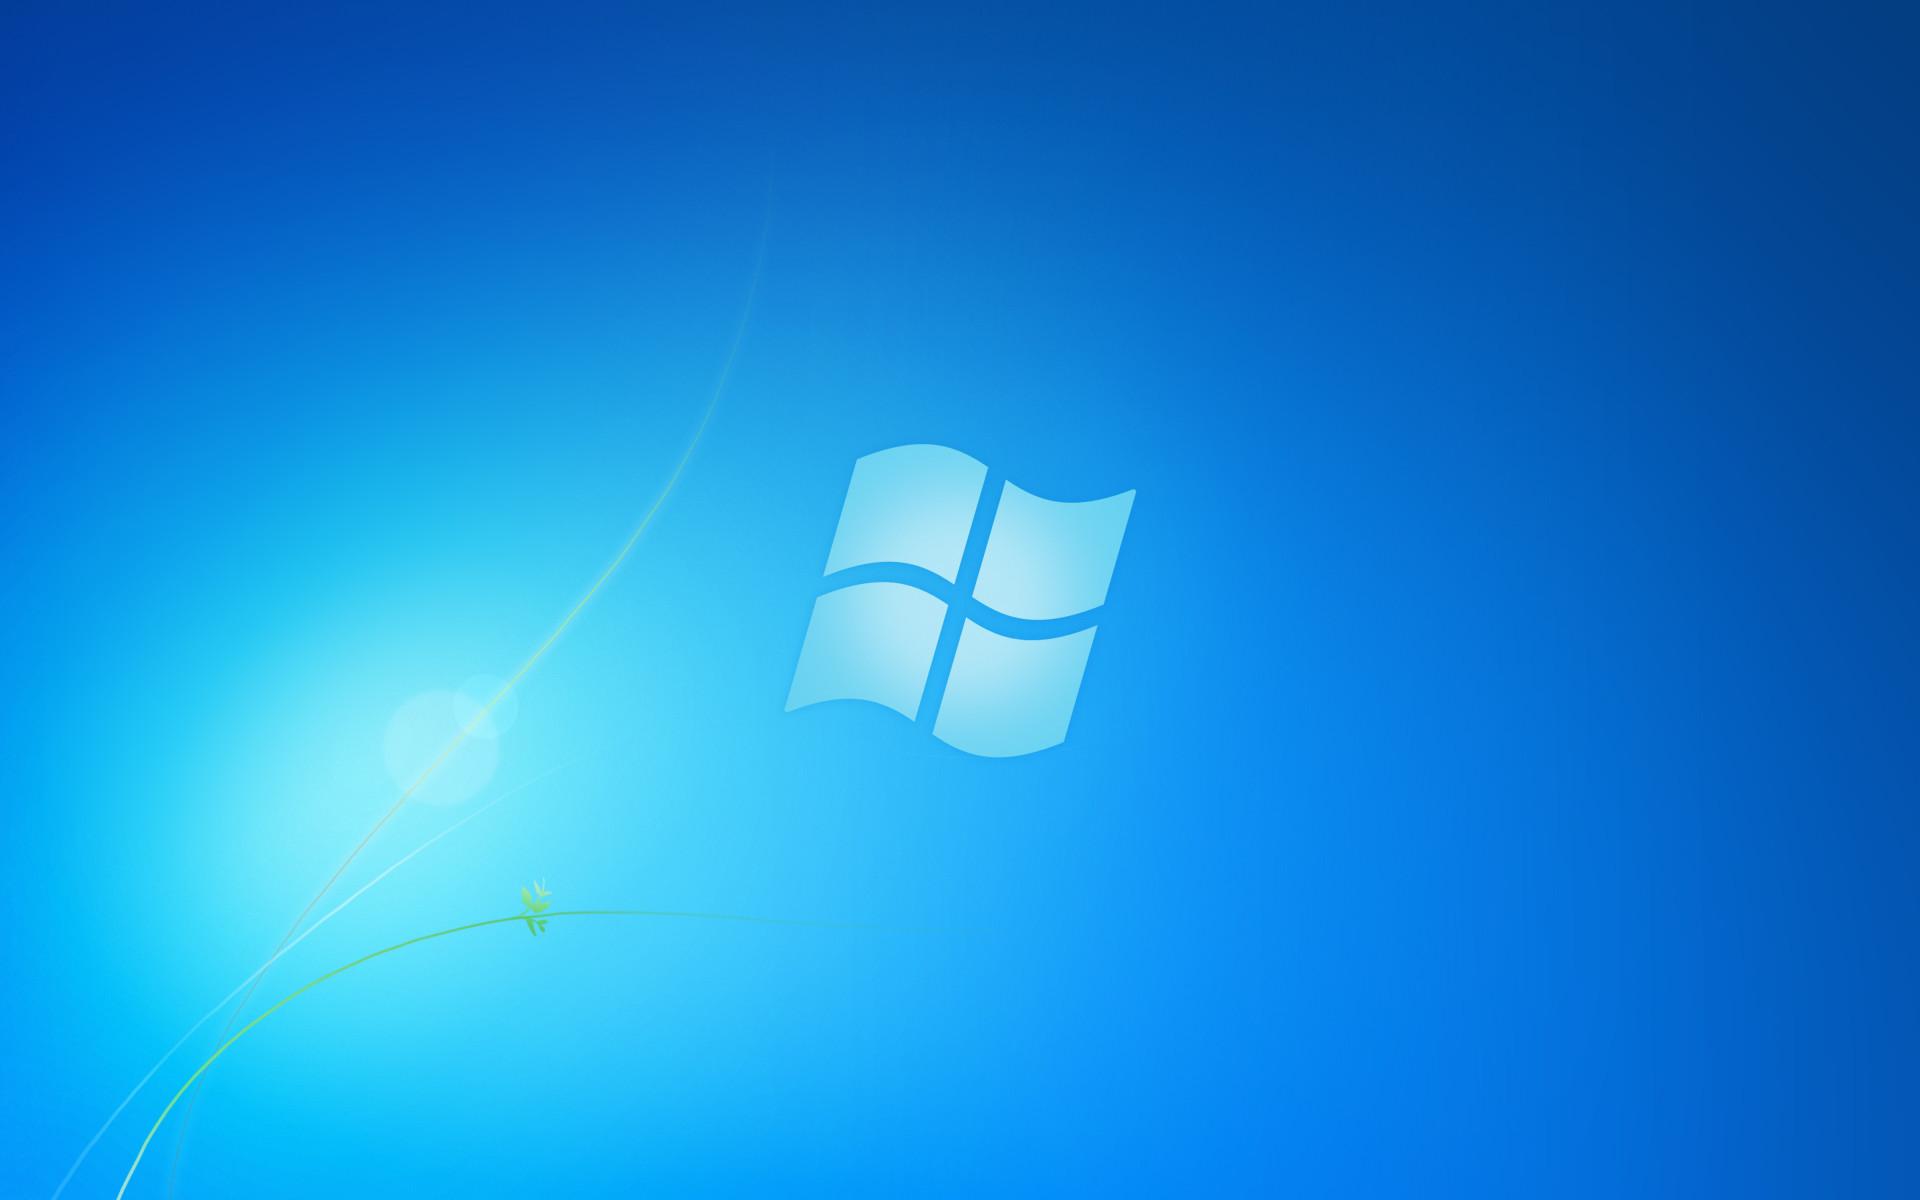 Desktop Background Windows 7 62 Images